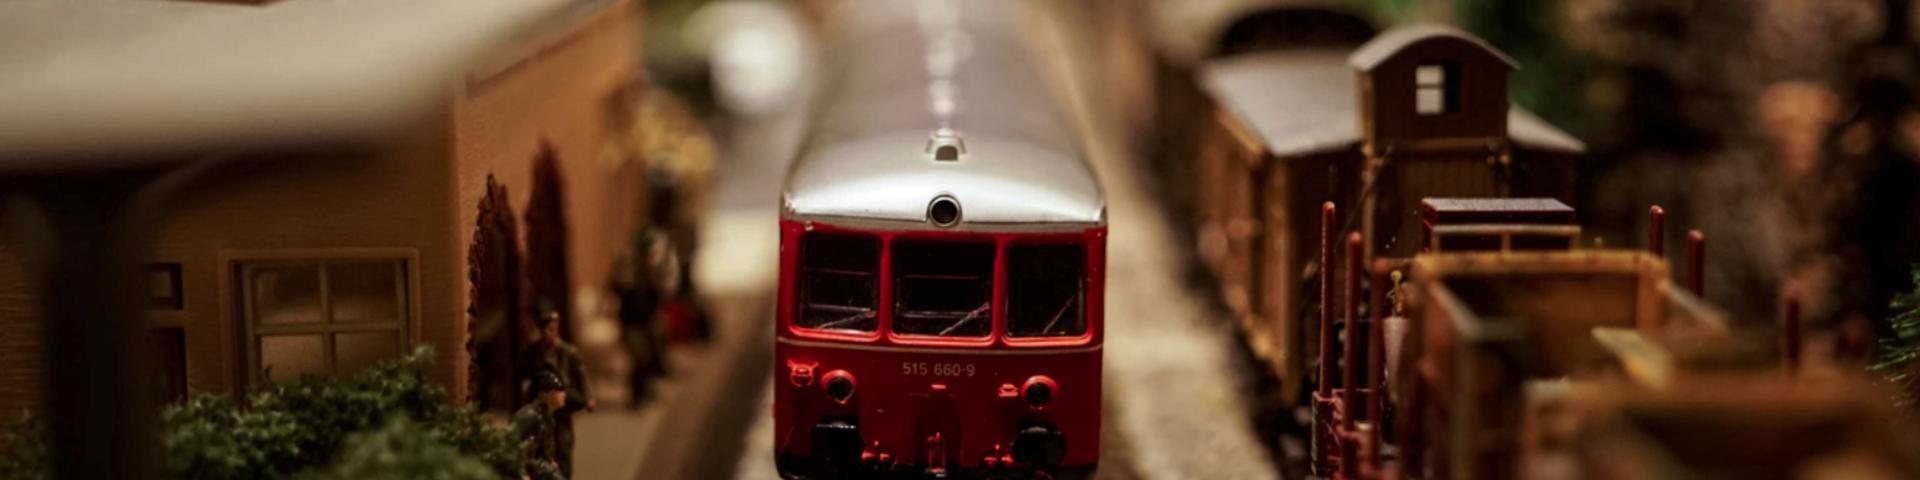 Acquista biglietti dei treni